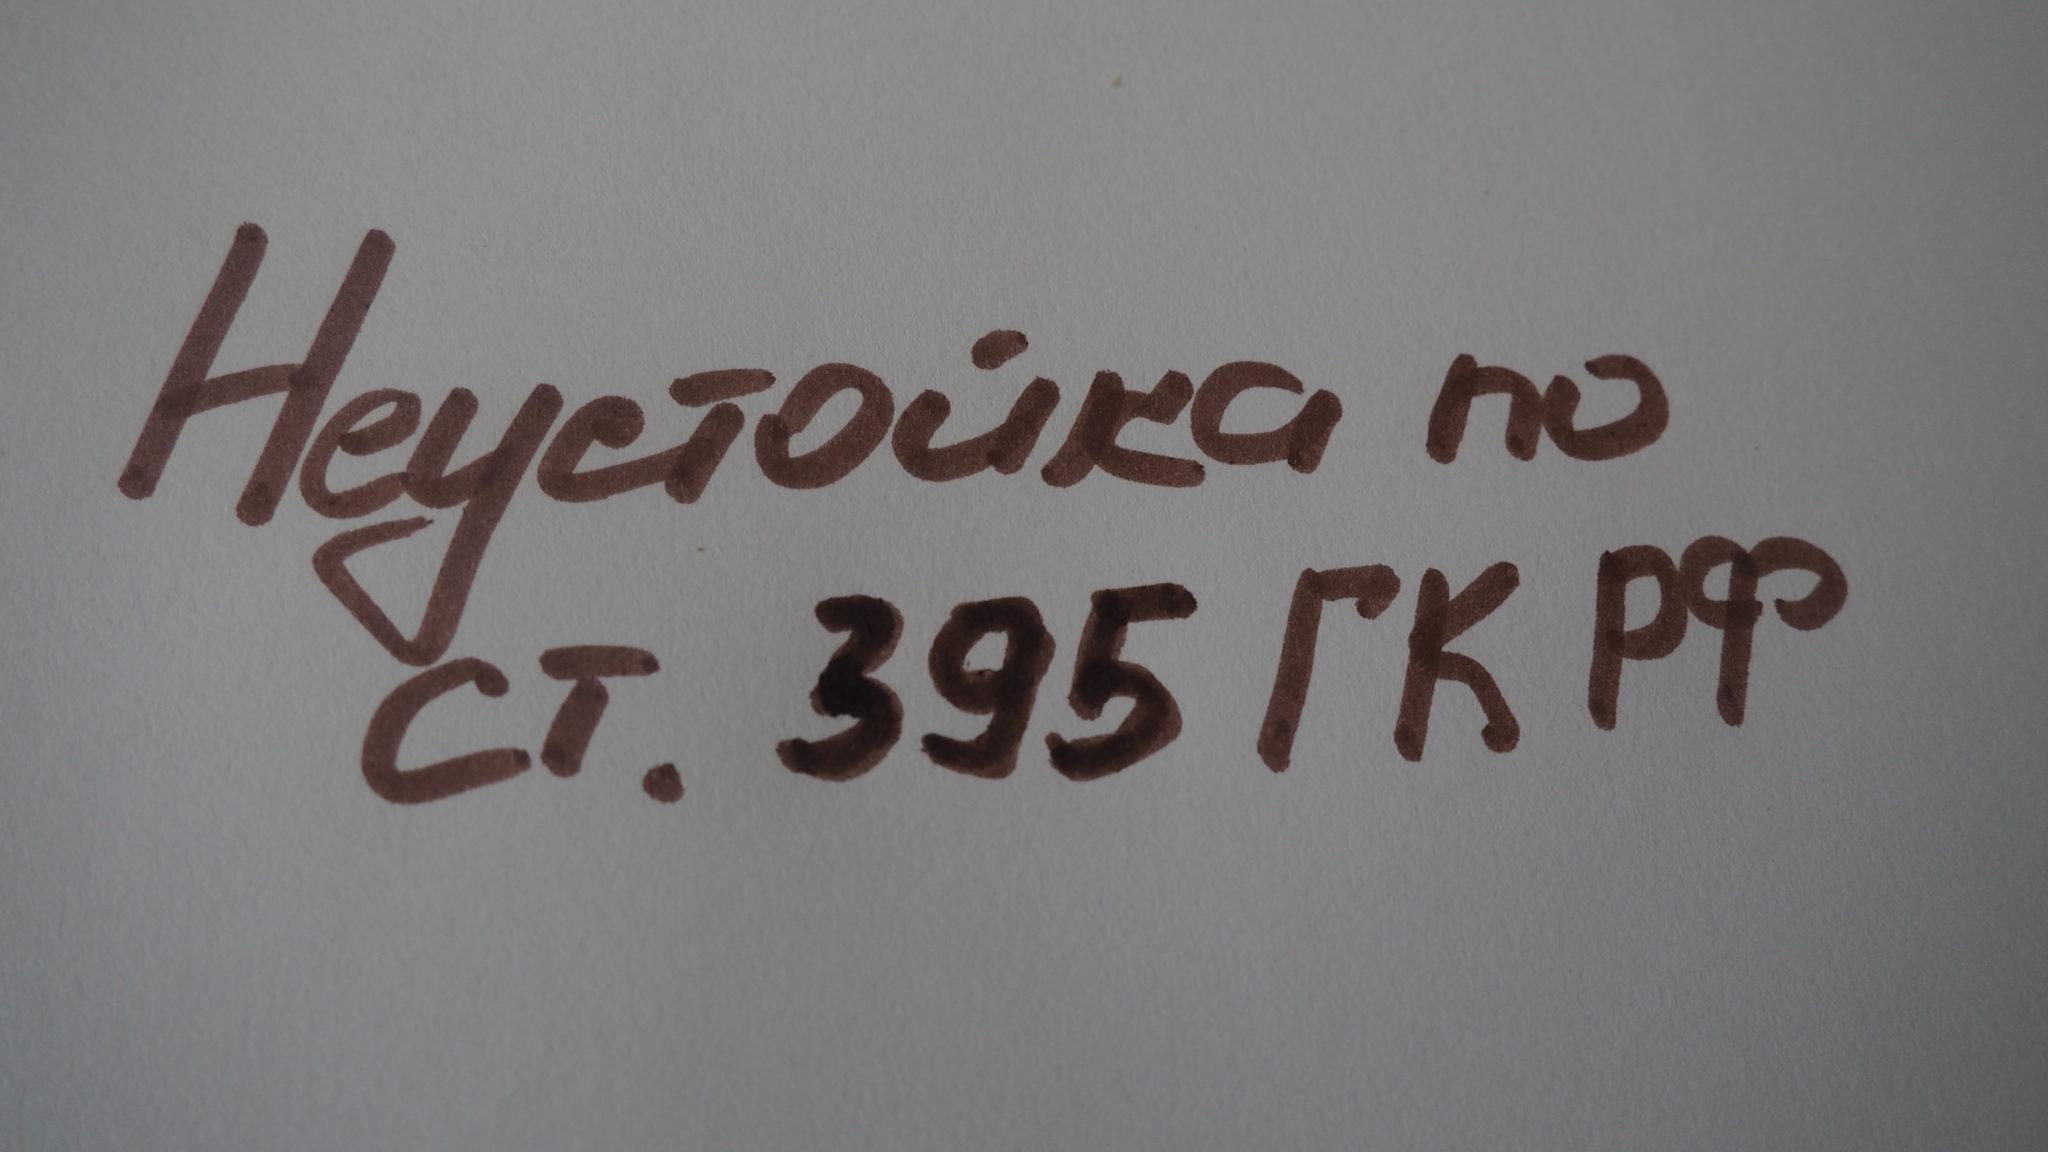 Рассчитать проценты по займу онлайн калькулятор 395